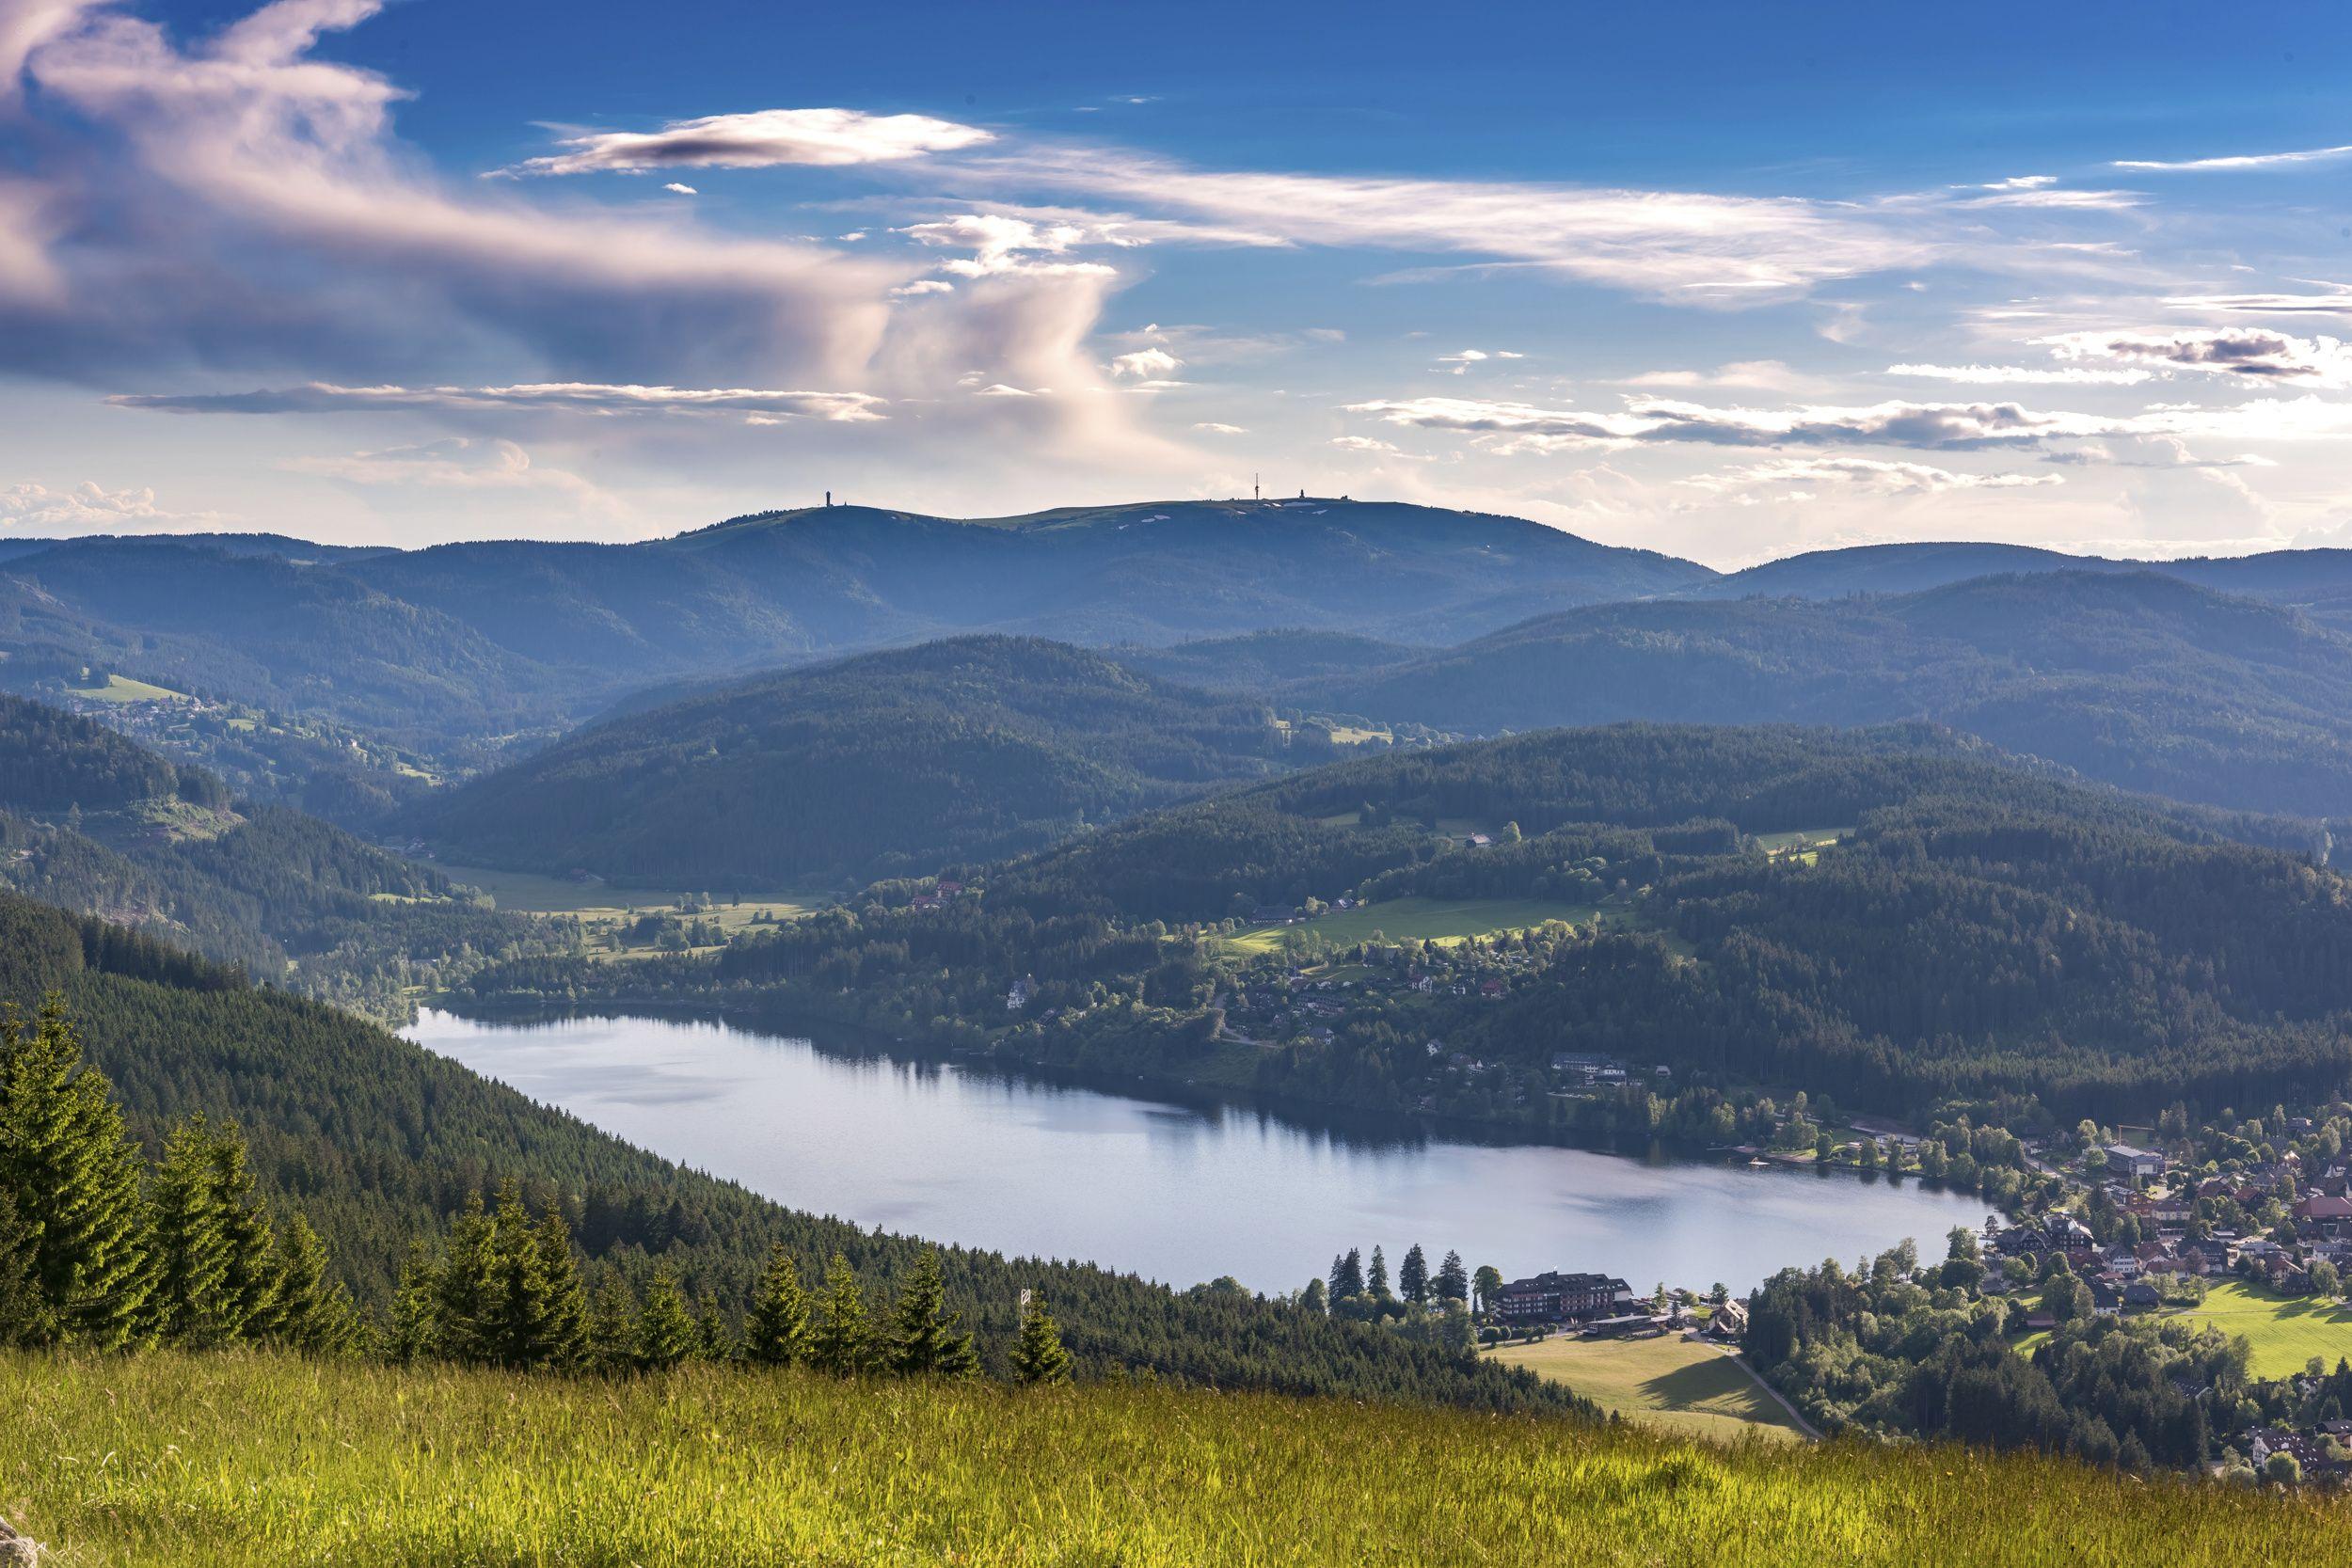 Titisee Neustadt Wetter Infos Zum Bekannten Urlaubsort Im Schwarzwald Titisee Schone Orte Schwarzwald